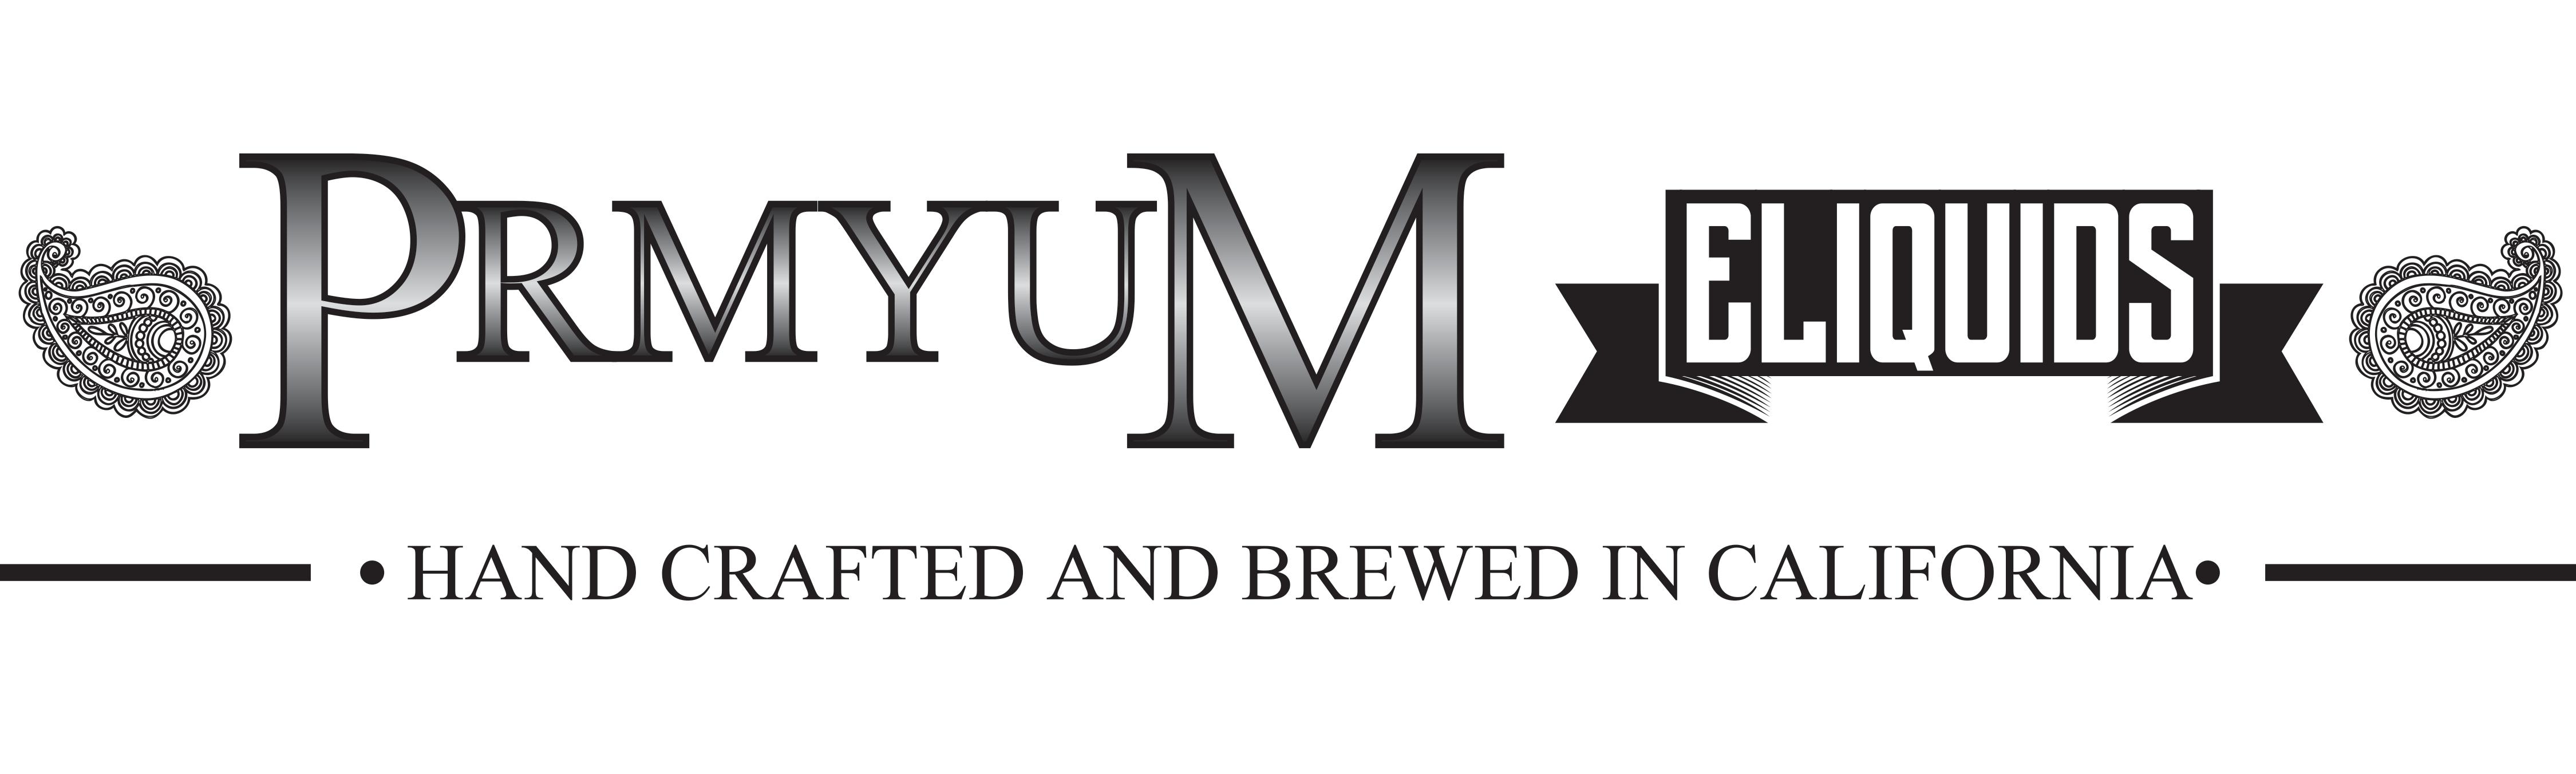 Prmyum E- Liquids